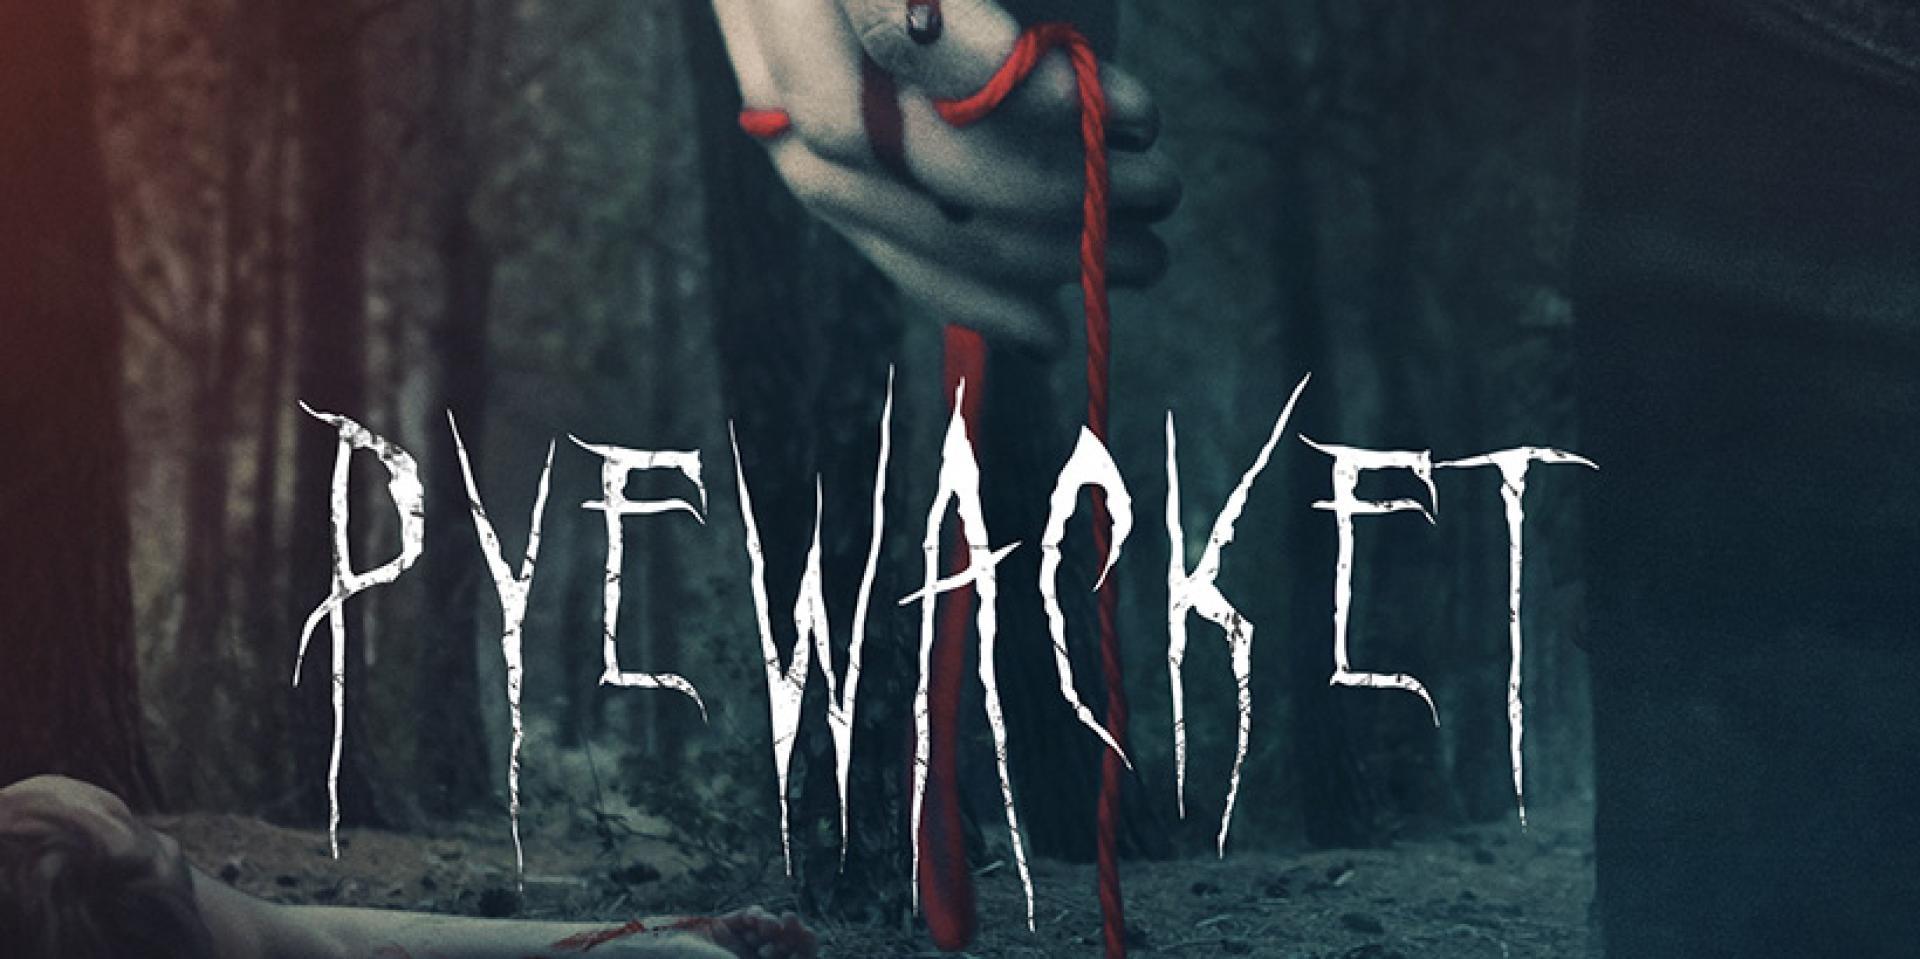 Pyewacket - boszorkányok és okkultizmus